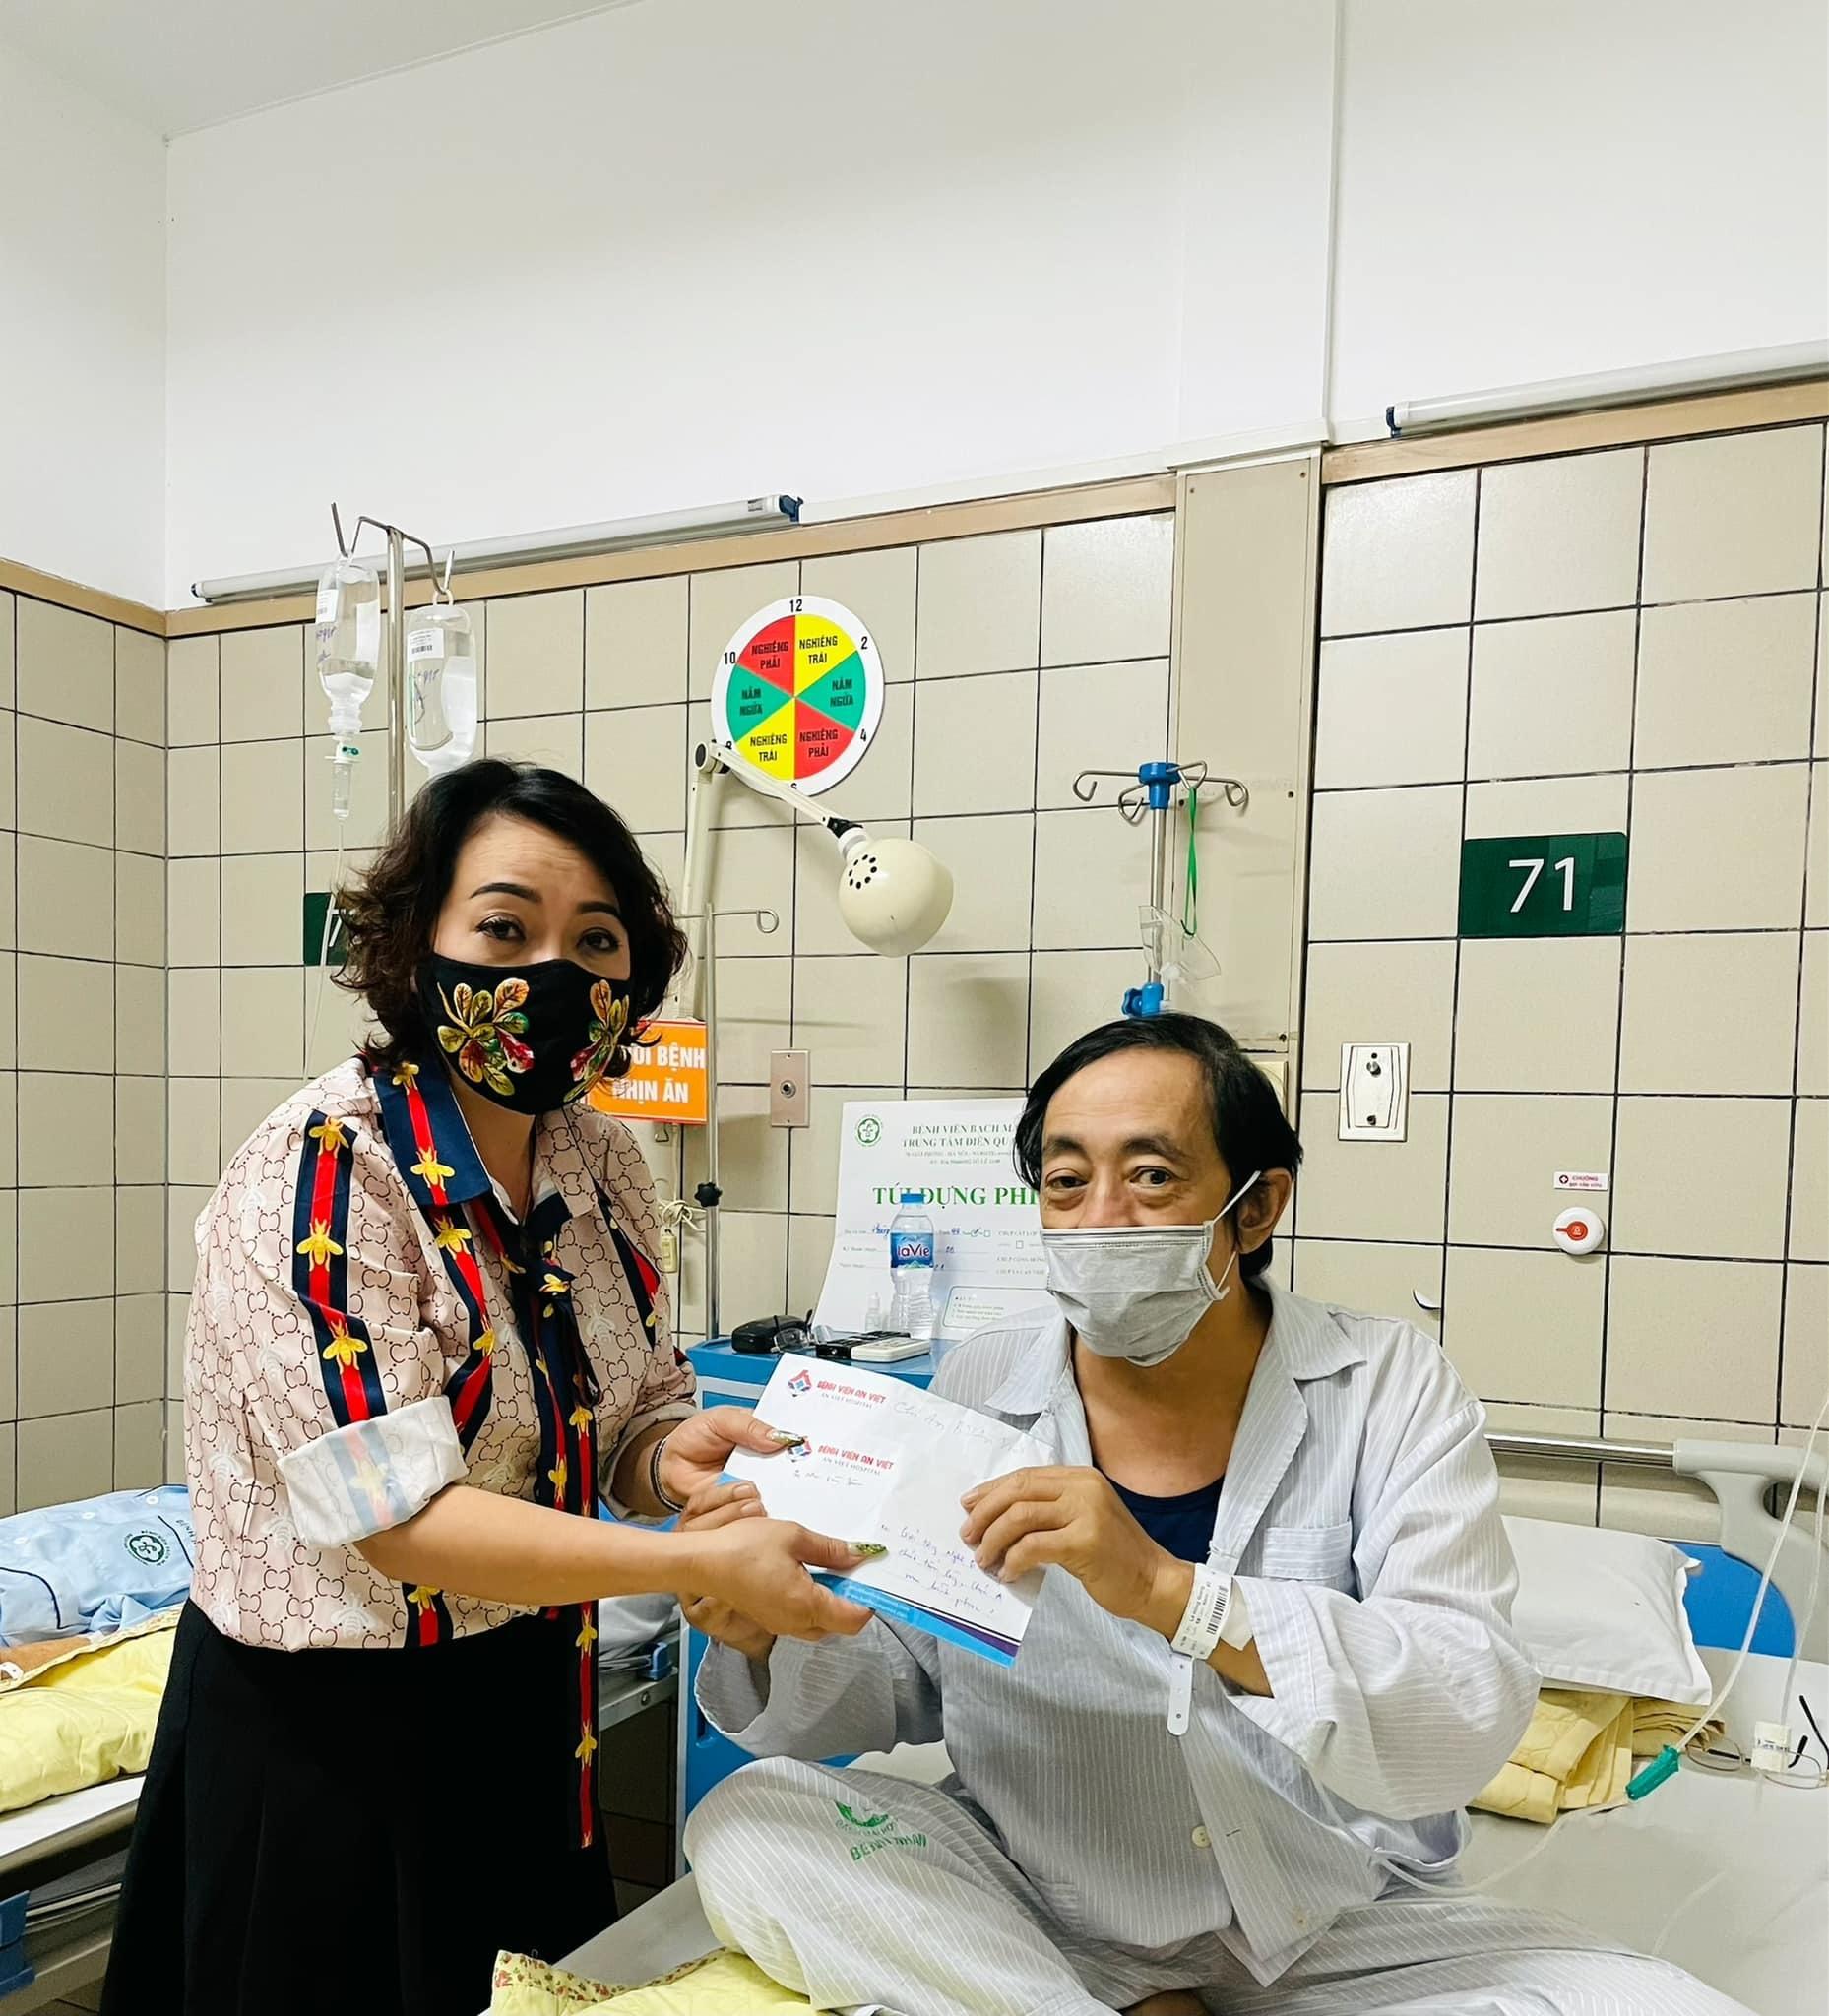 Chuyện của sao Việt (24/7): Xúc động ảnh MC Quyền Linh vác gạo từ thiện ở TP.HCM - Ảnh 6.